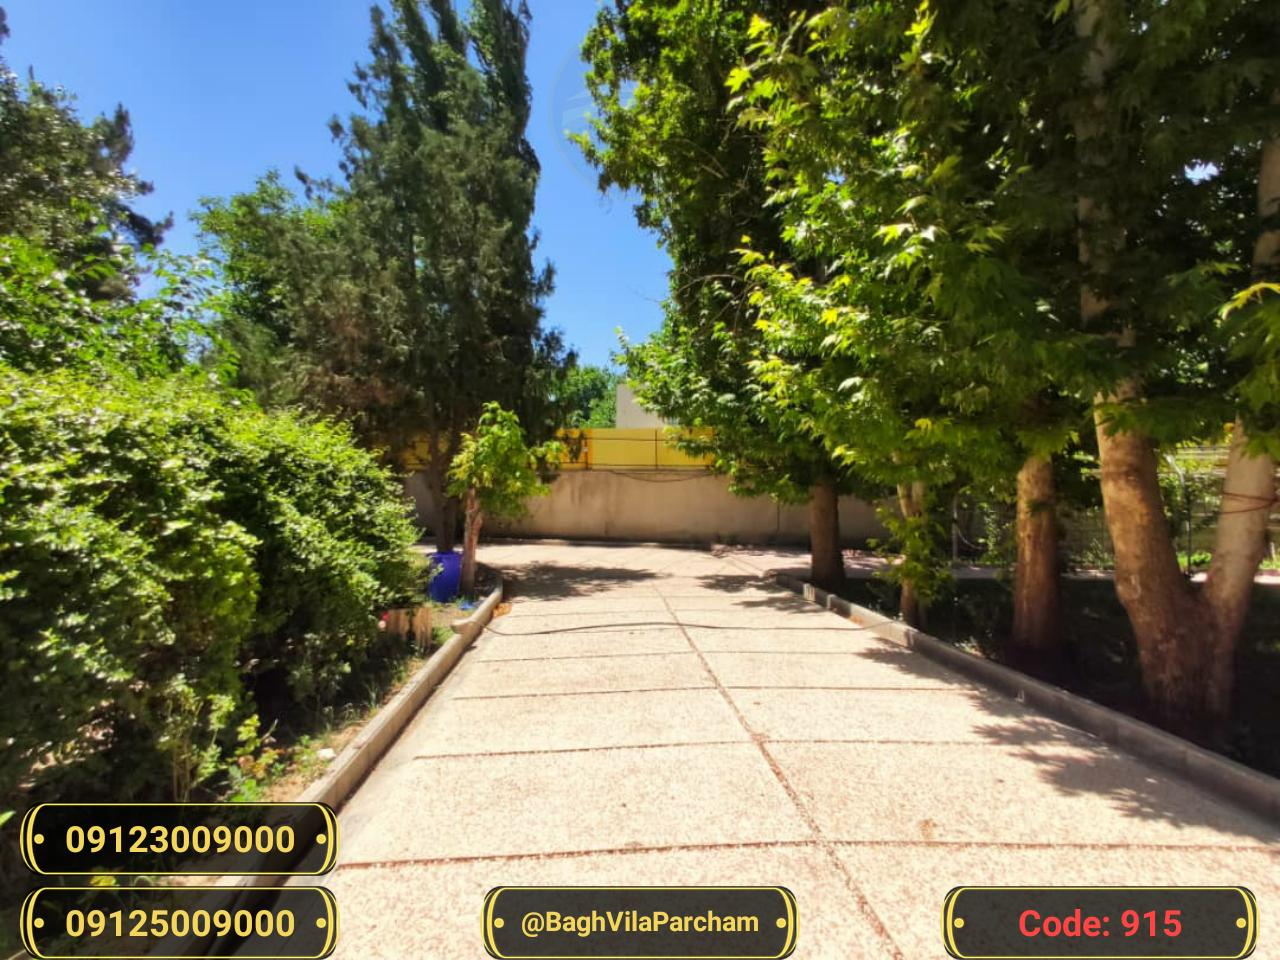 تصویر عکس باغ ویلا شماره 7 از ویلای ۵۶۵۰ متر ویلا کلاسیک تریبلکس Picture photo image 7 of ۵۶۵۰ متر ویلا کلاسیک تریبلکس